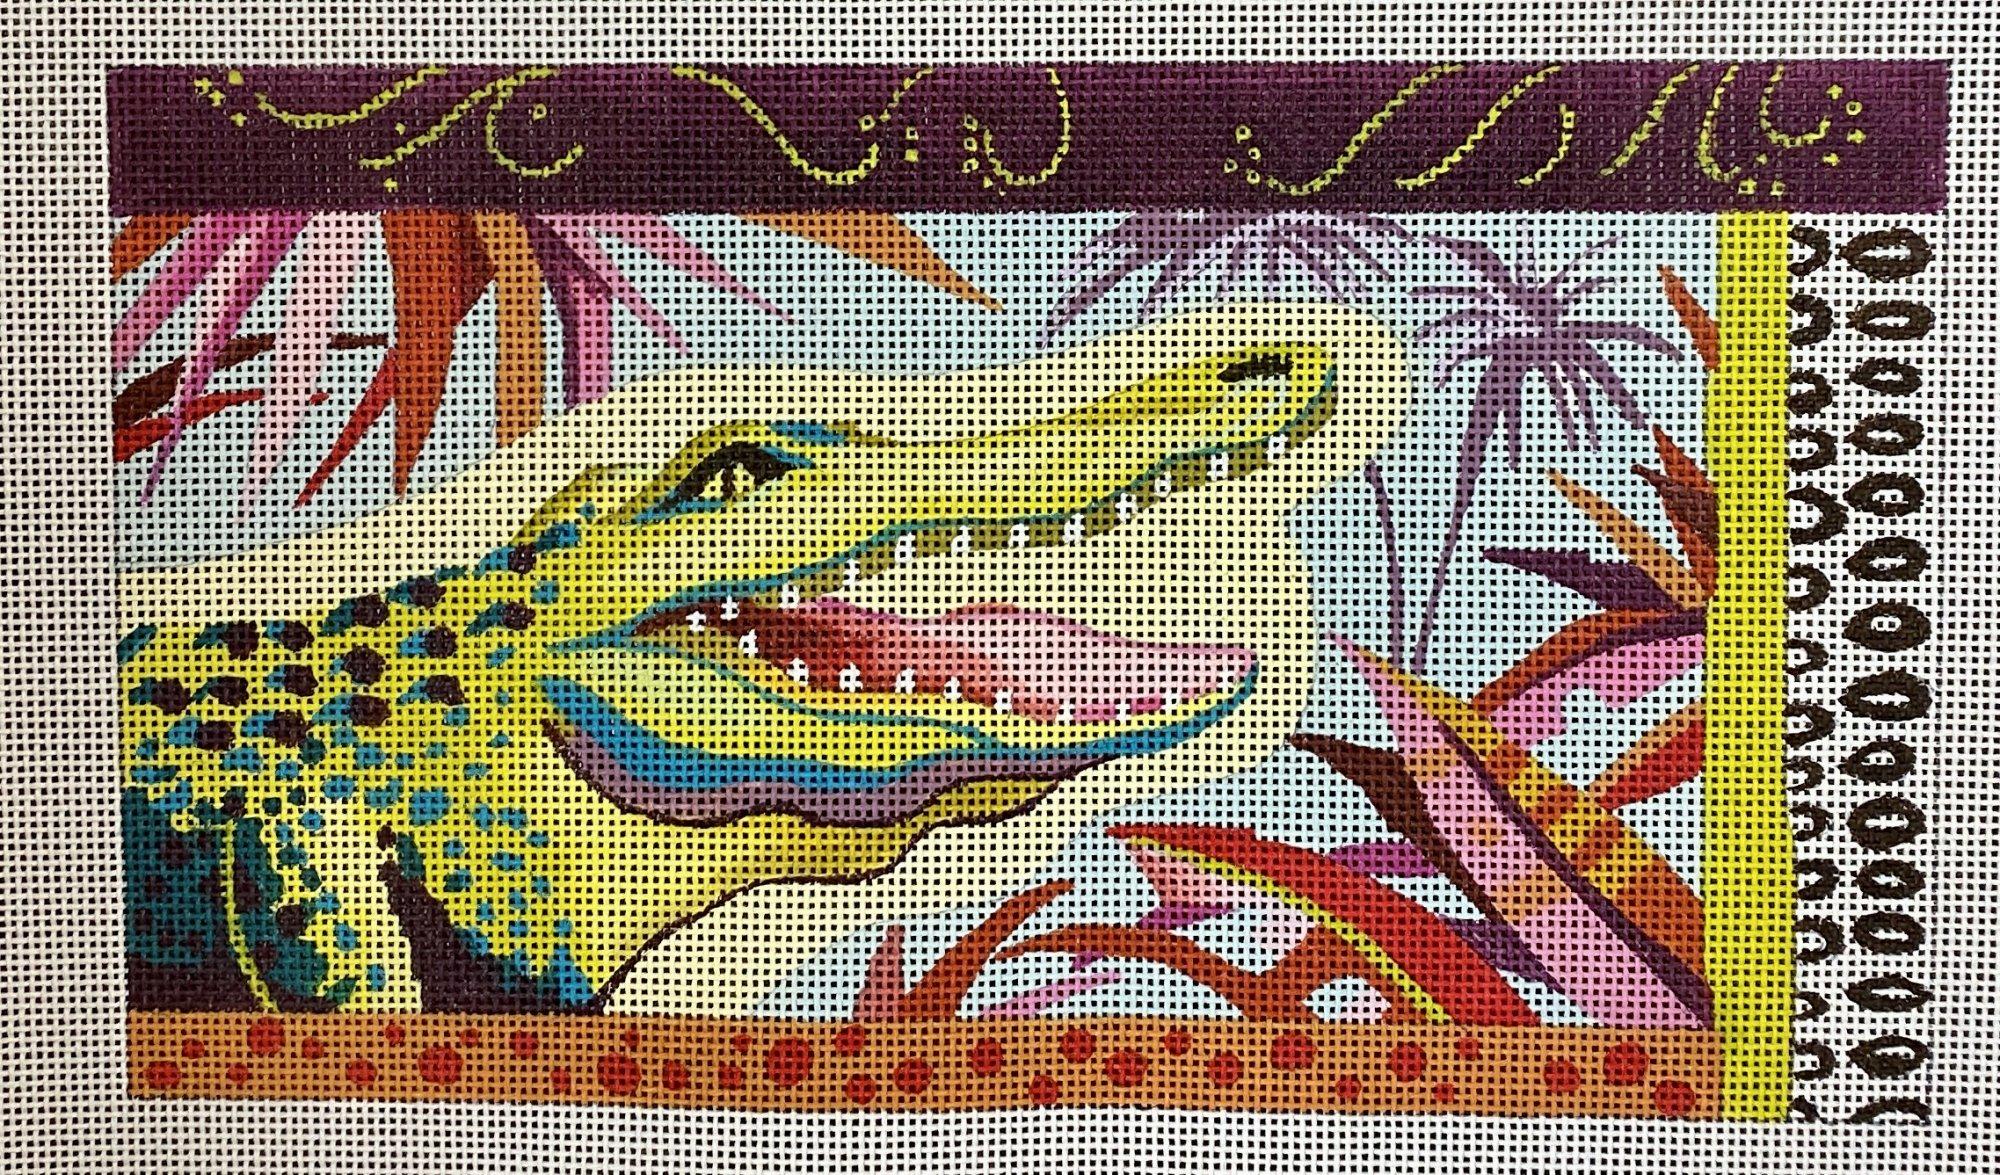 alligator clutch